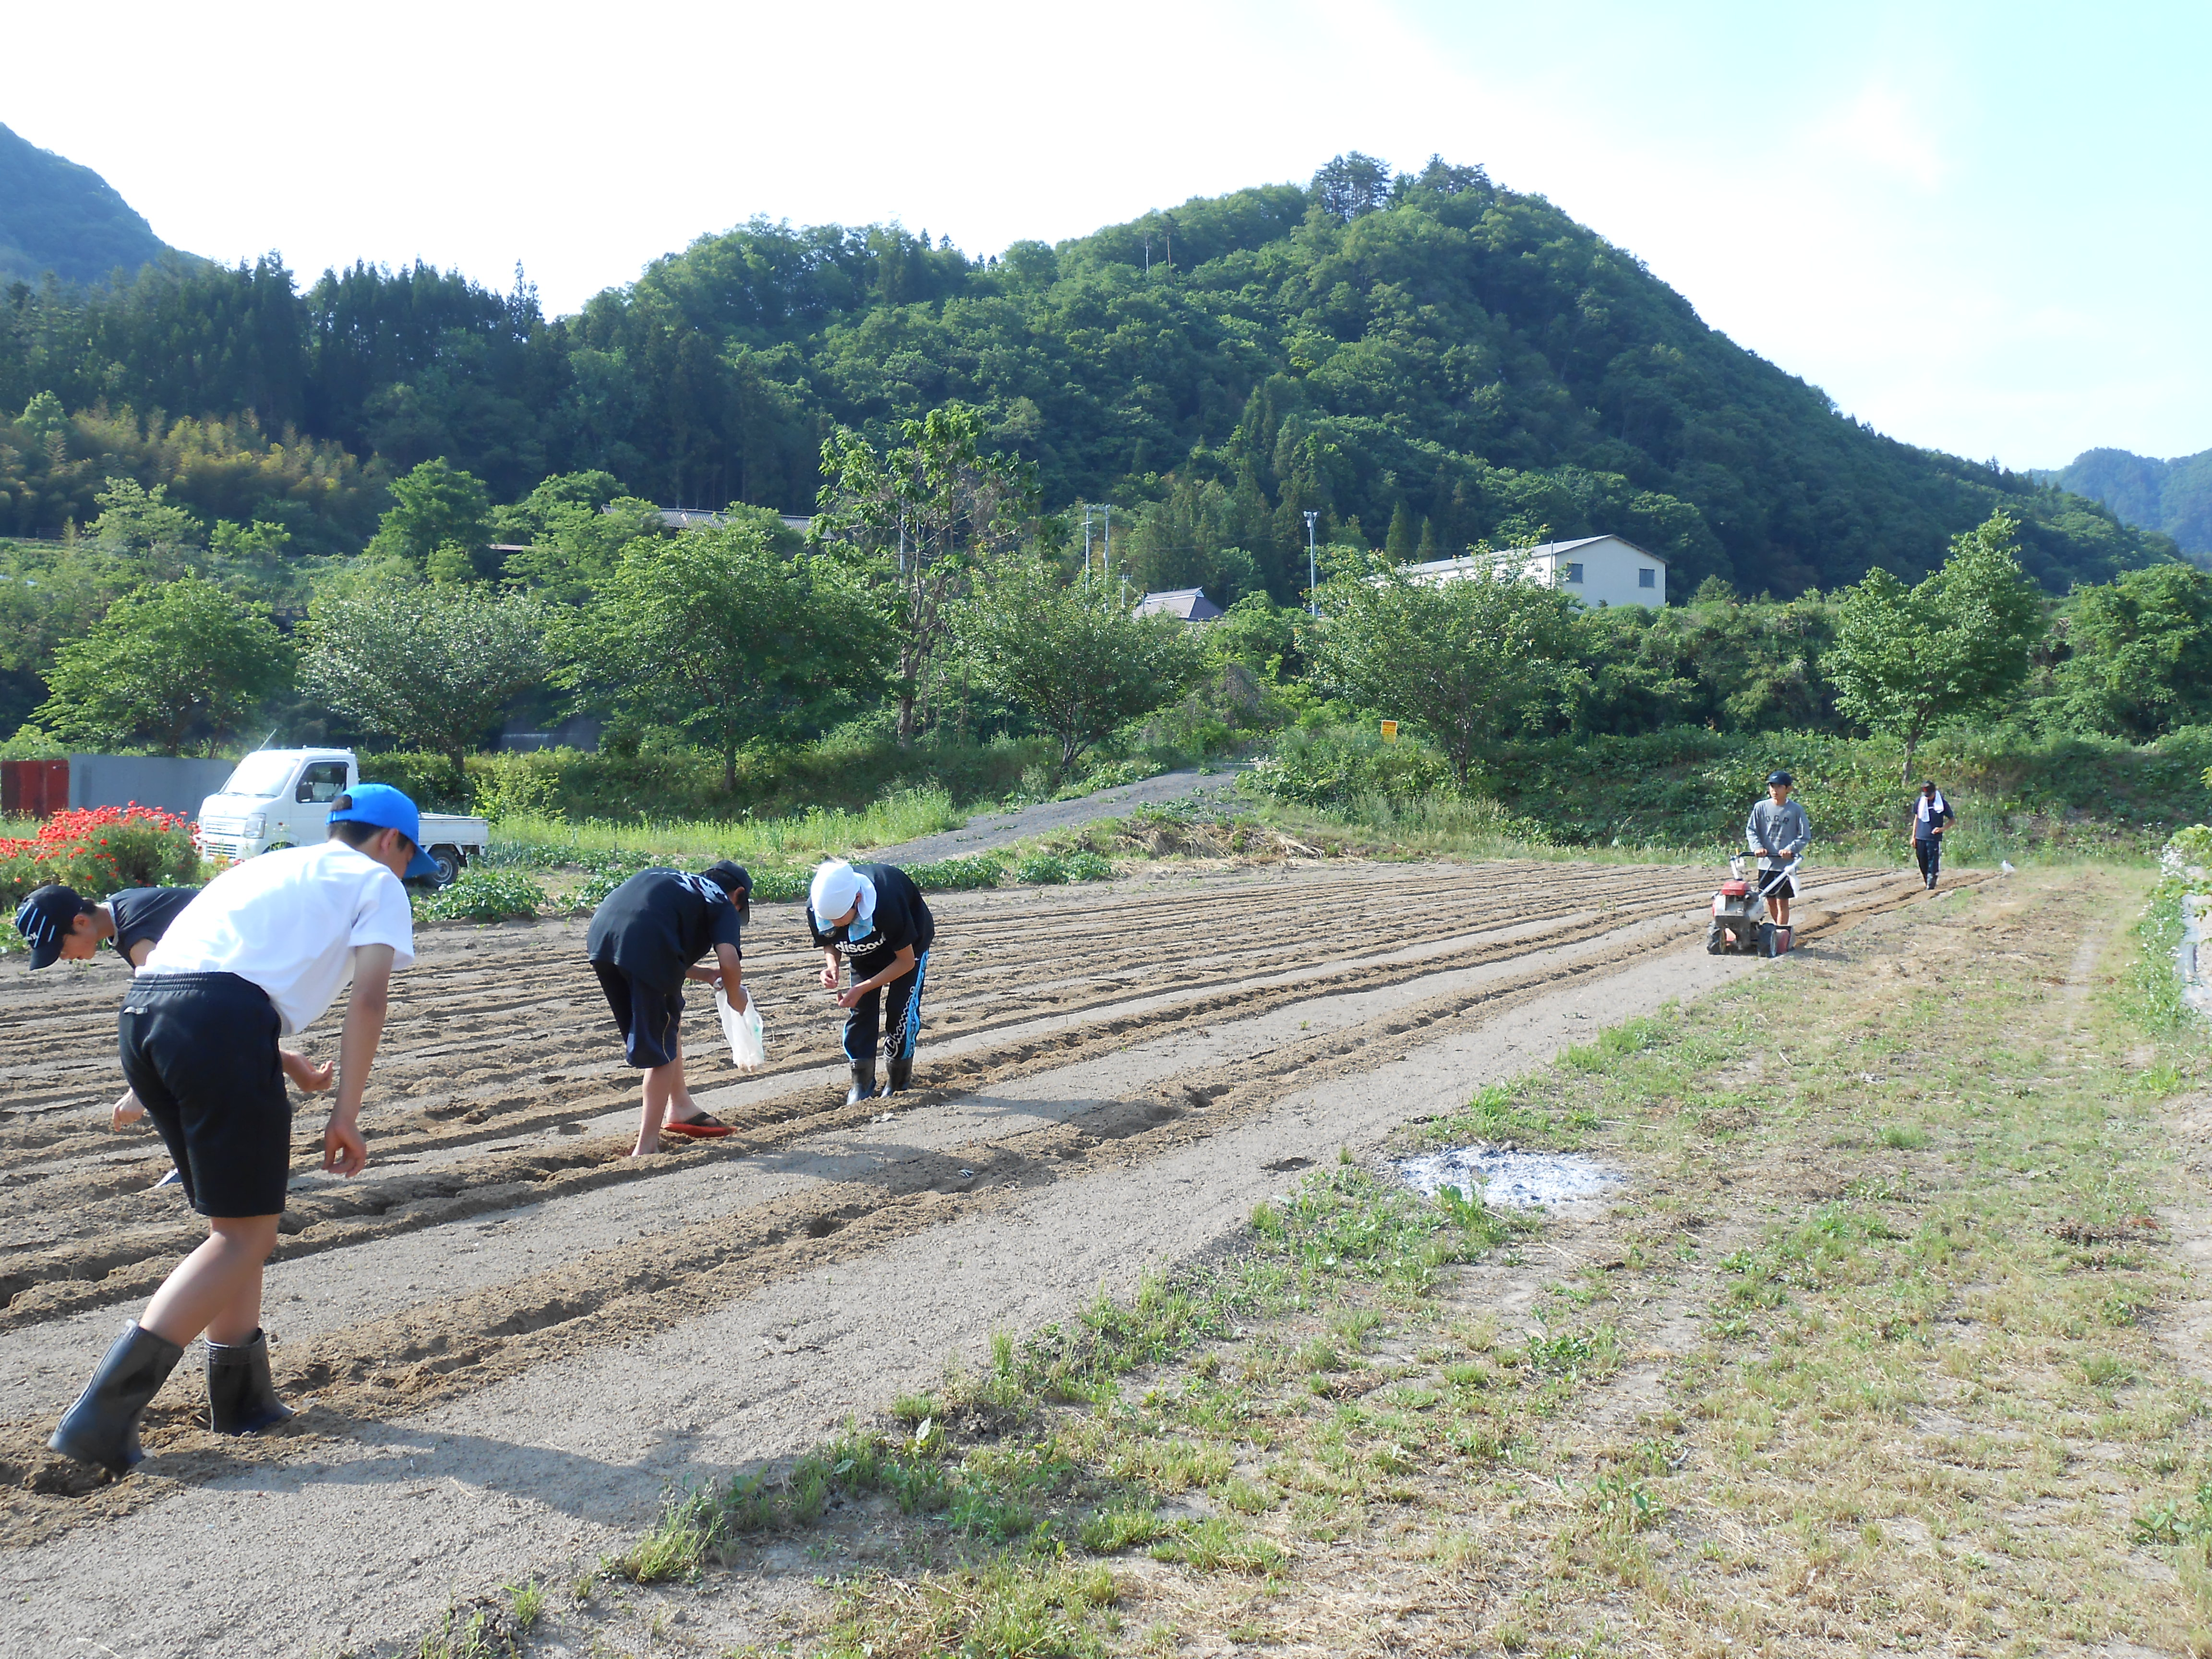 豆まき・定植・山菜採り・春の郷土食体験 ※終了しました